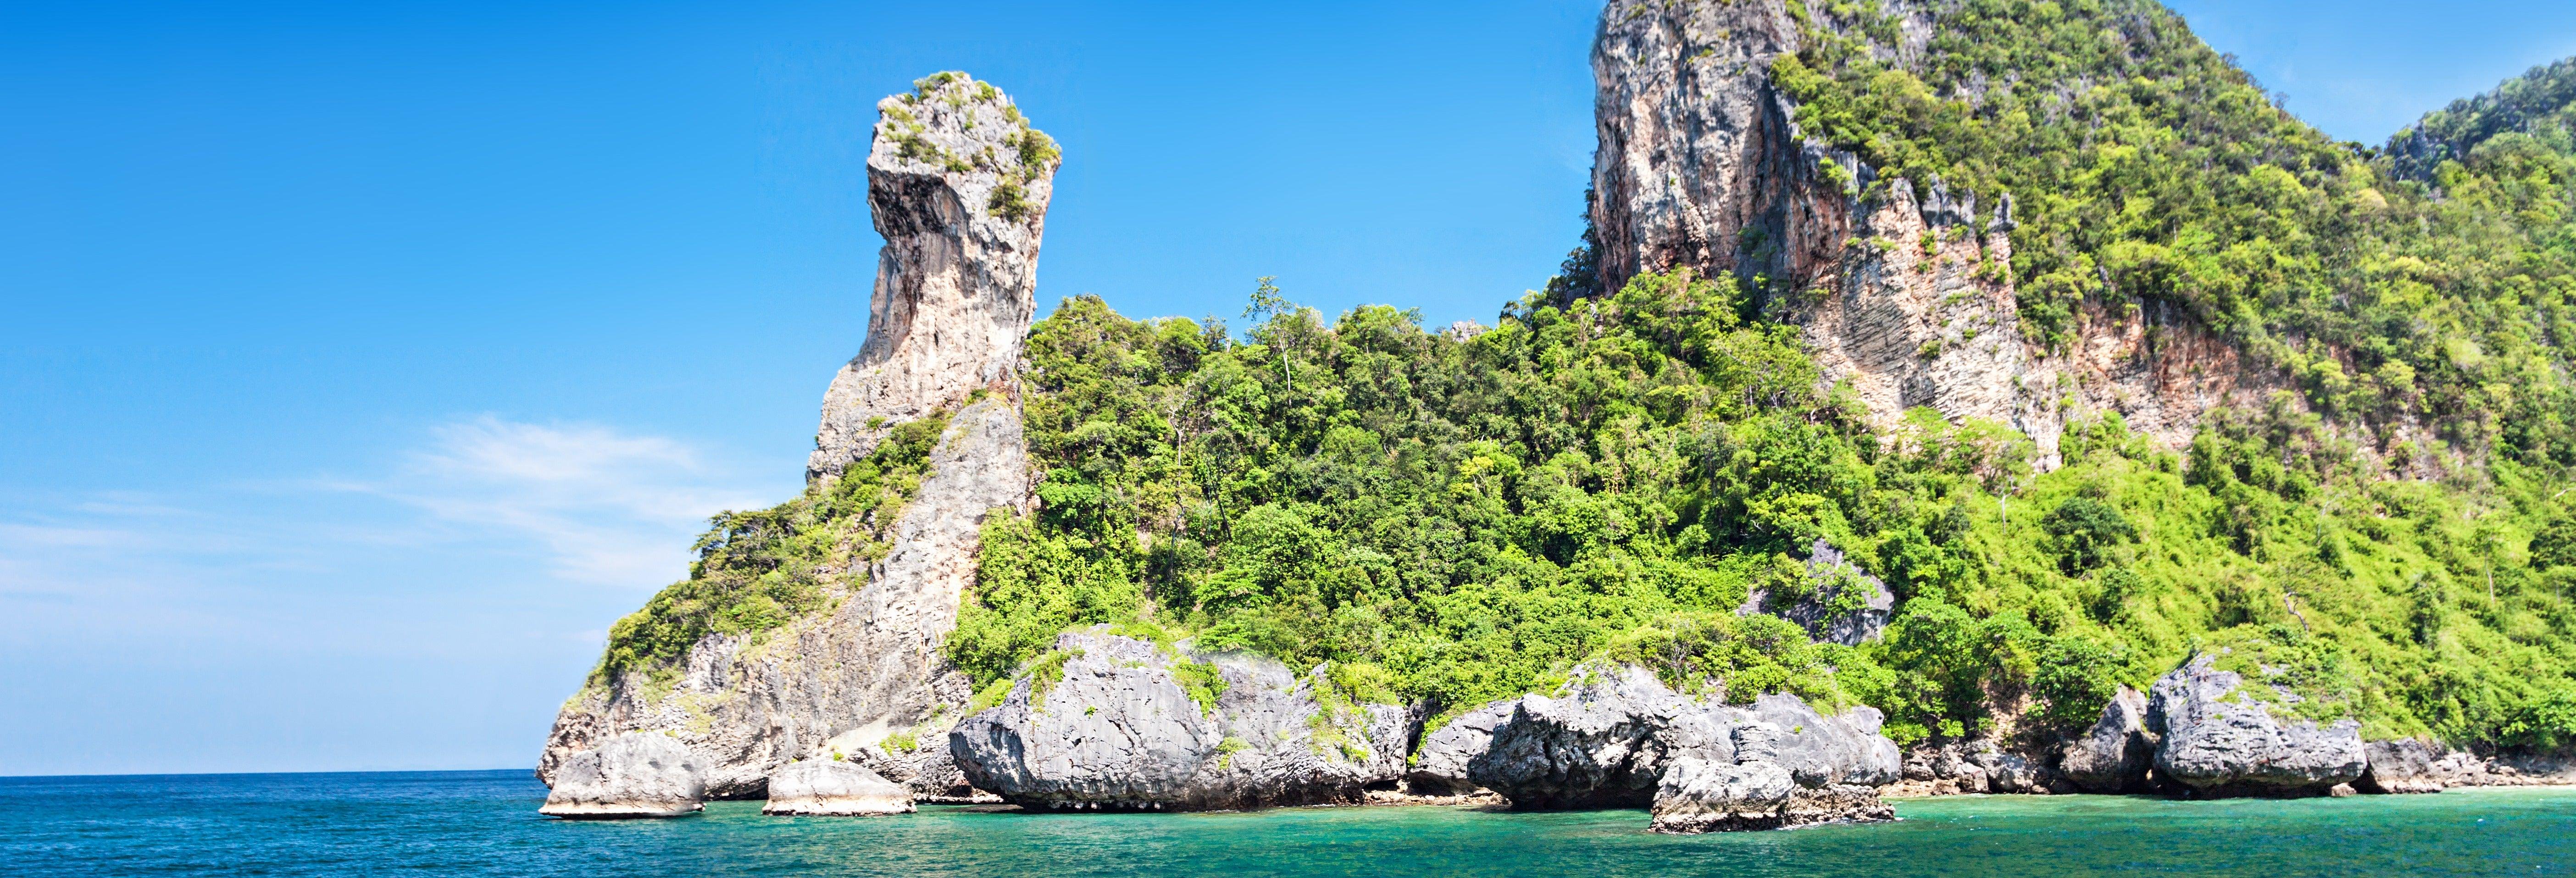 Excursión por las islas de Krabi + Snorkel